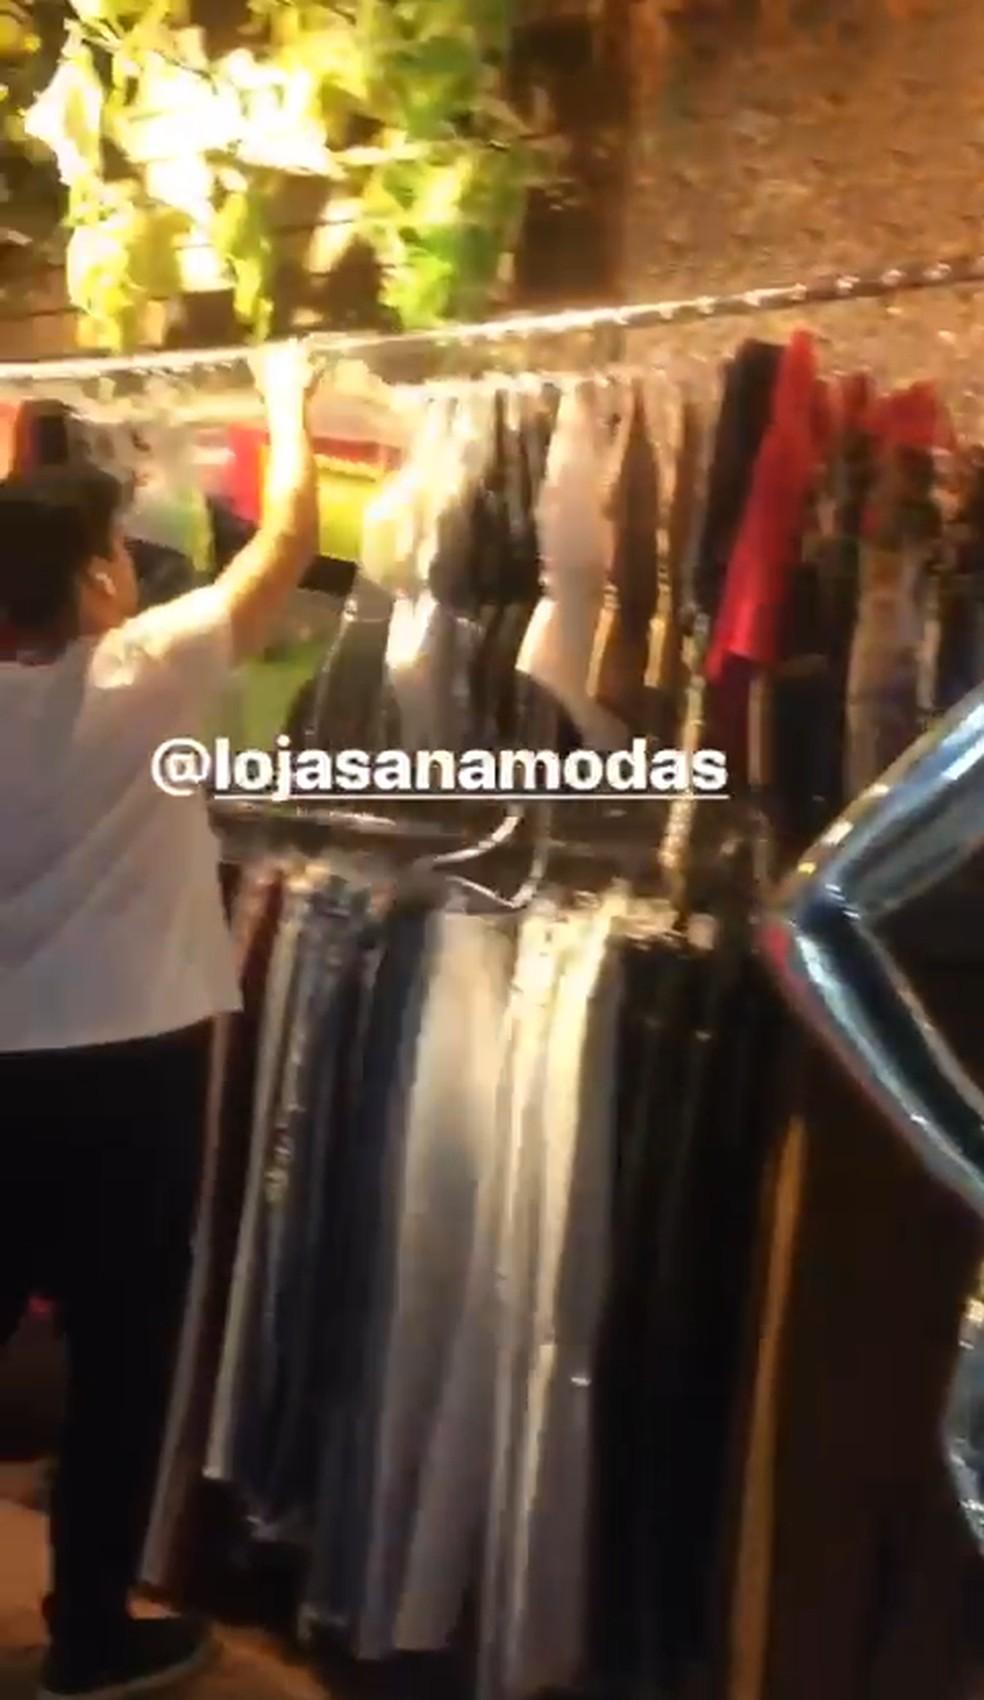 Print de vídeo publicado por uma das vítimas no dia em que relata ter sido abusada em loja de BH  — Foto: Reprodução/Redes sociais